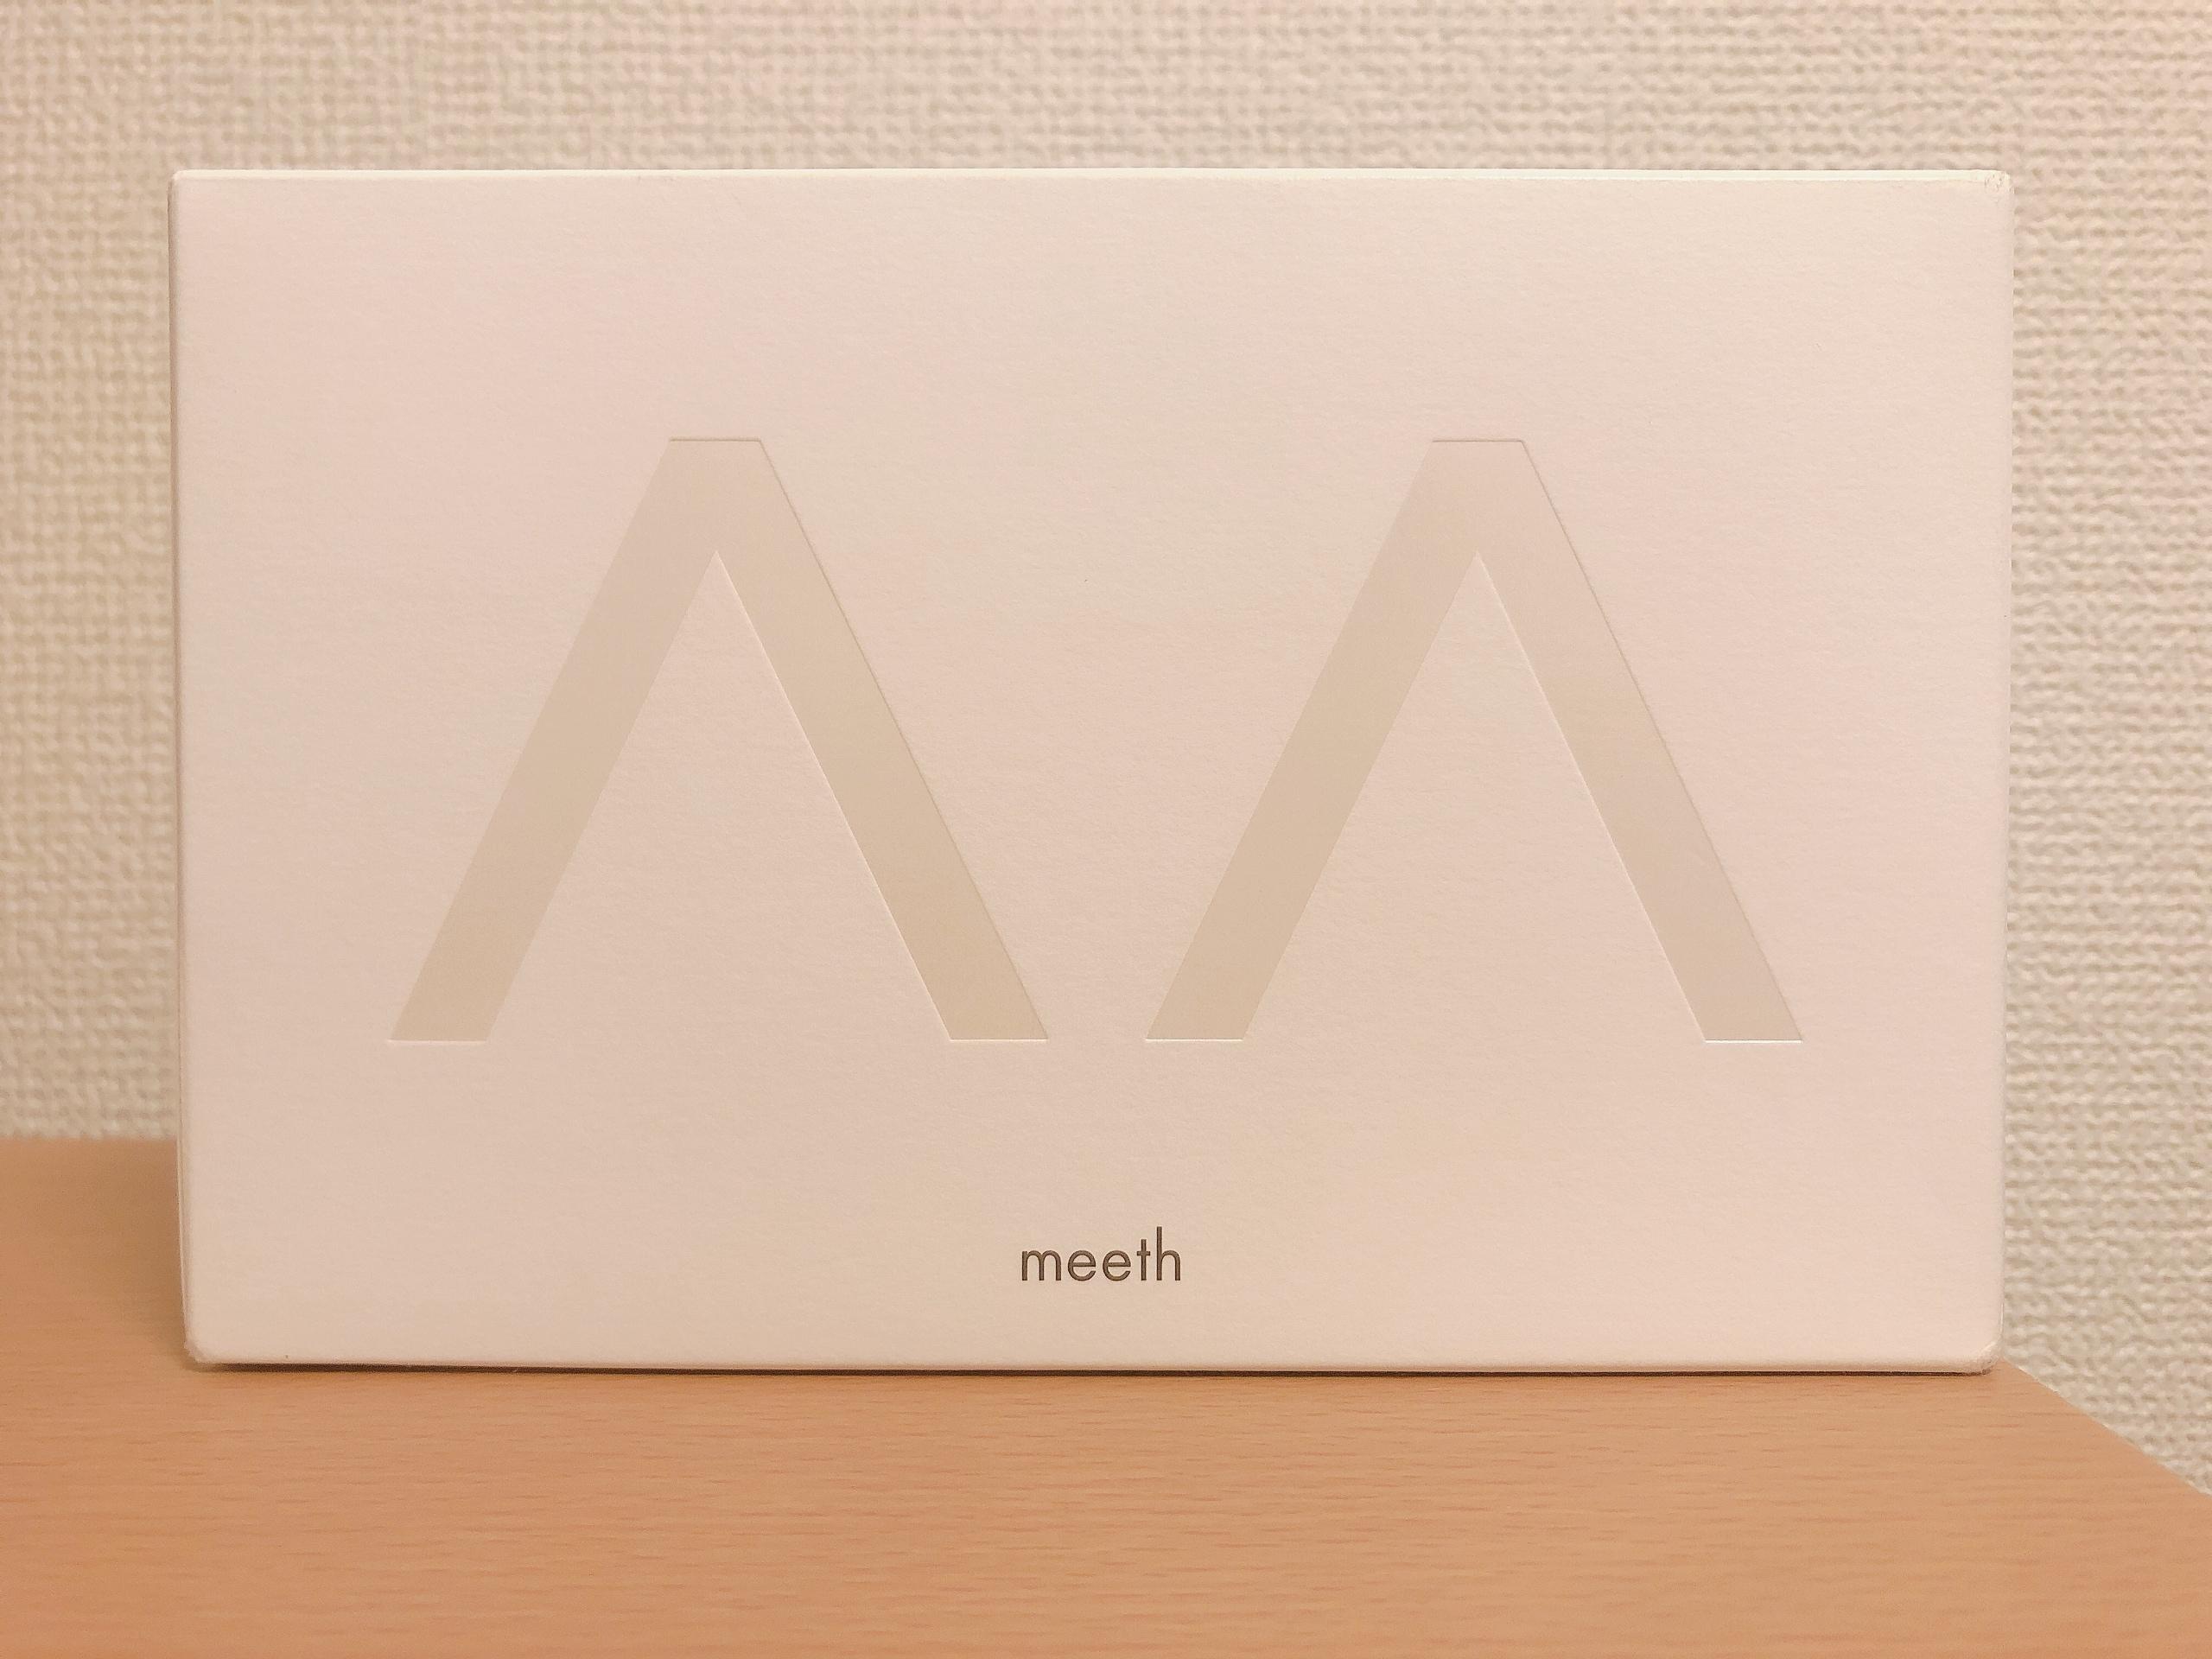 【田中みな実さん愛用❤︎】【効果抜群!】meeth モアリッチパック_5